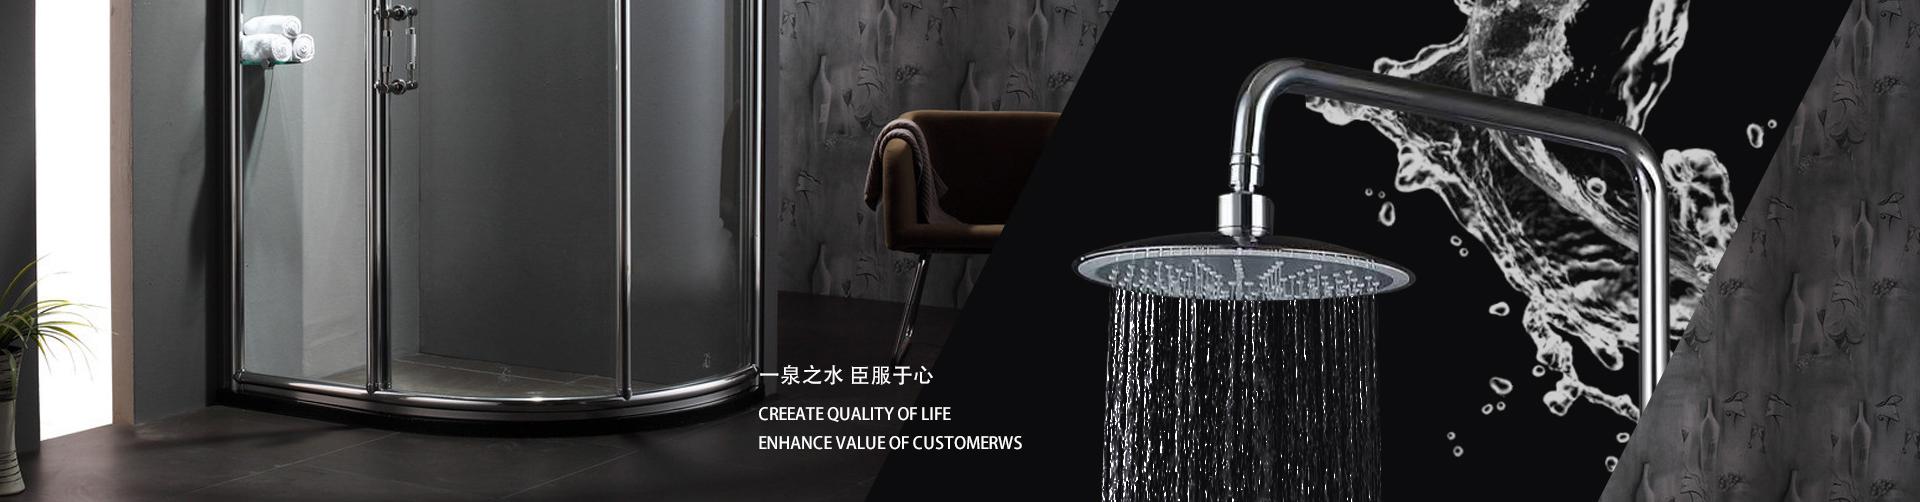 酒店卫浴,铜水龙头厂家,不锈钢水龙头厂家